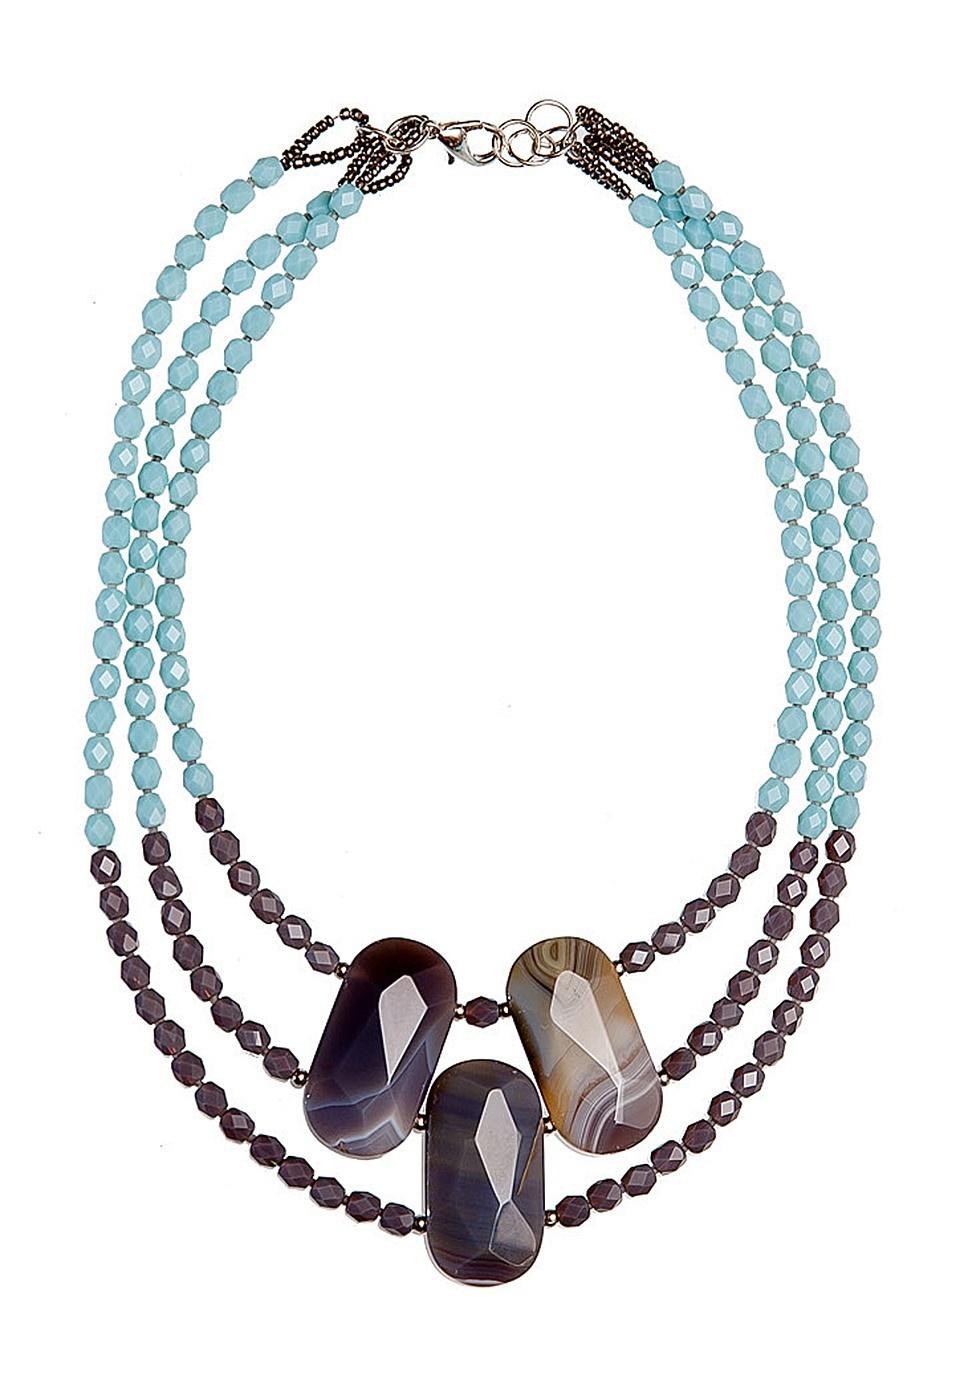 Колье Kameo-bis, цвет: коричневый, голубой. KNC609310KNC609310Длина 46 см, ширина 6 см. Состав: агаты, кристаллы, латунь